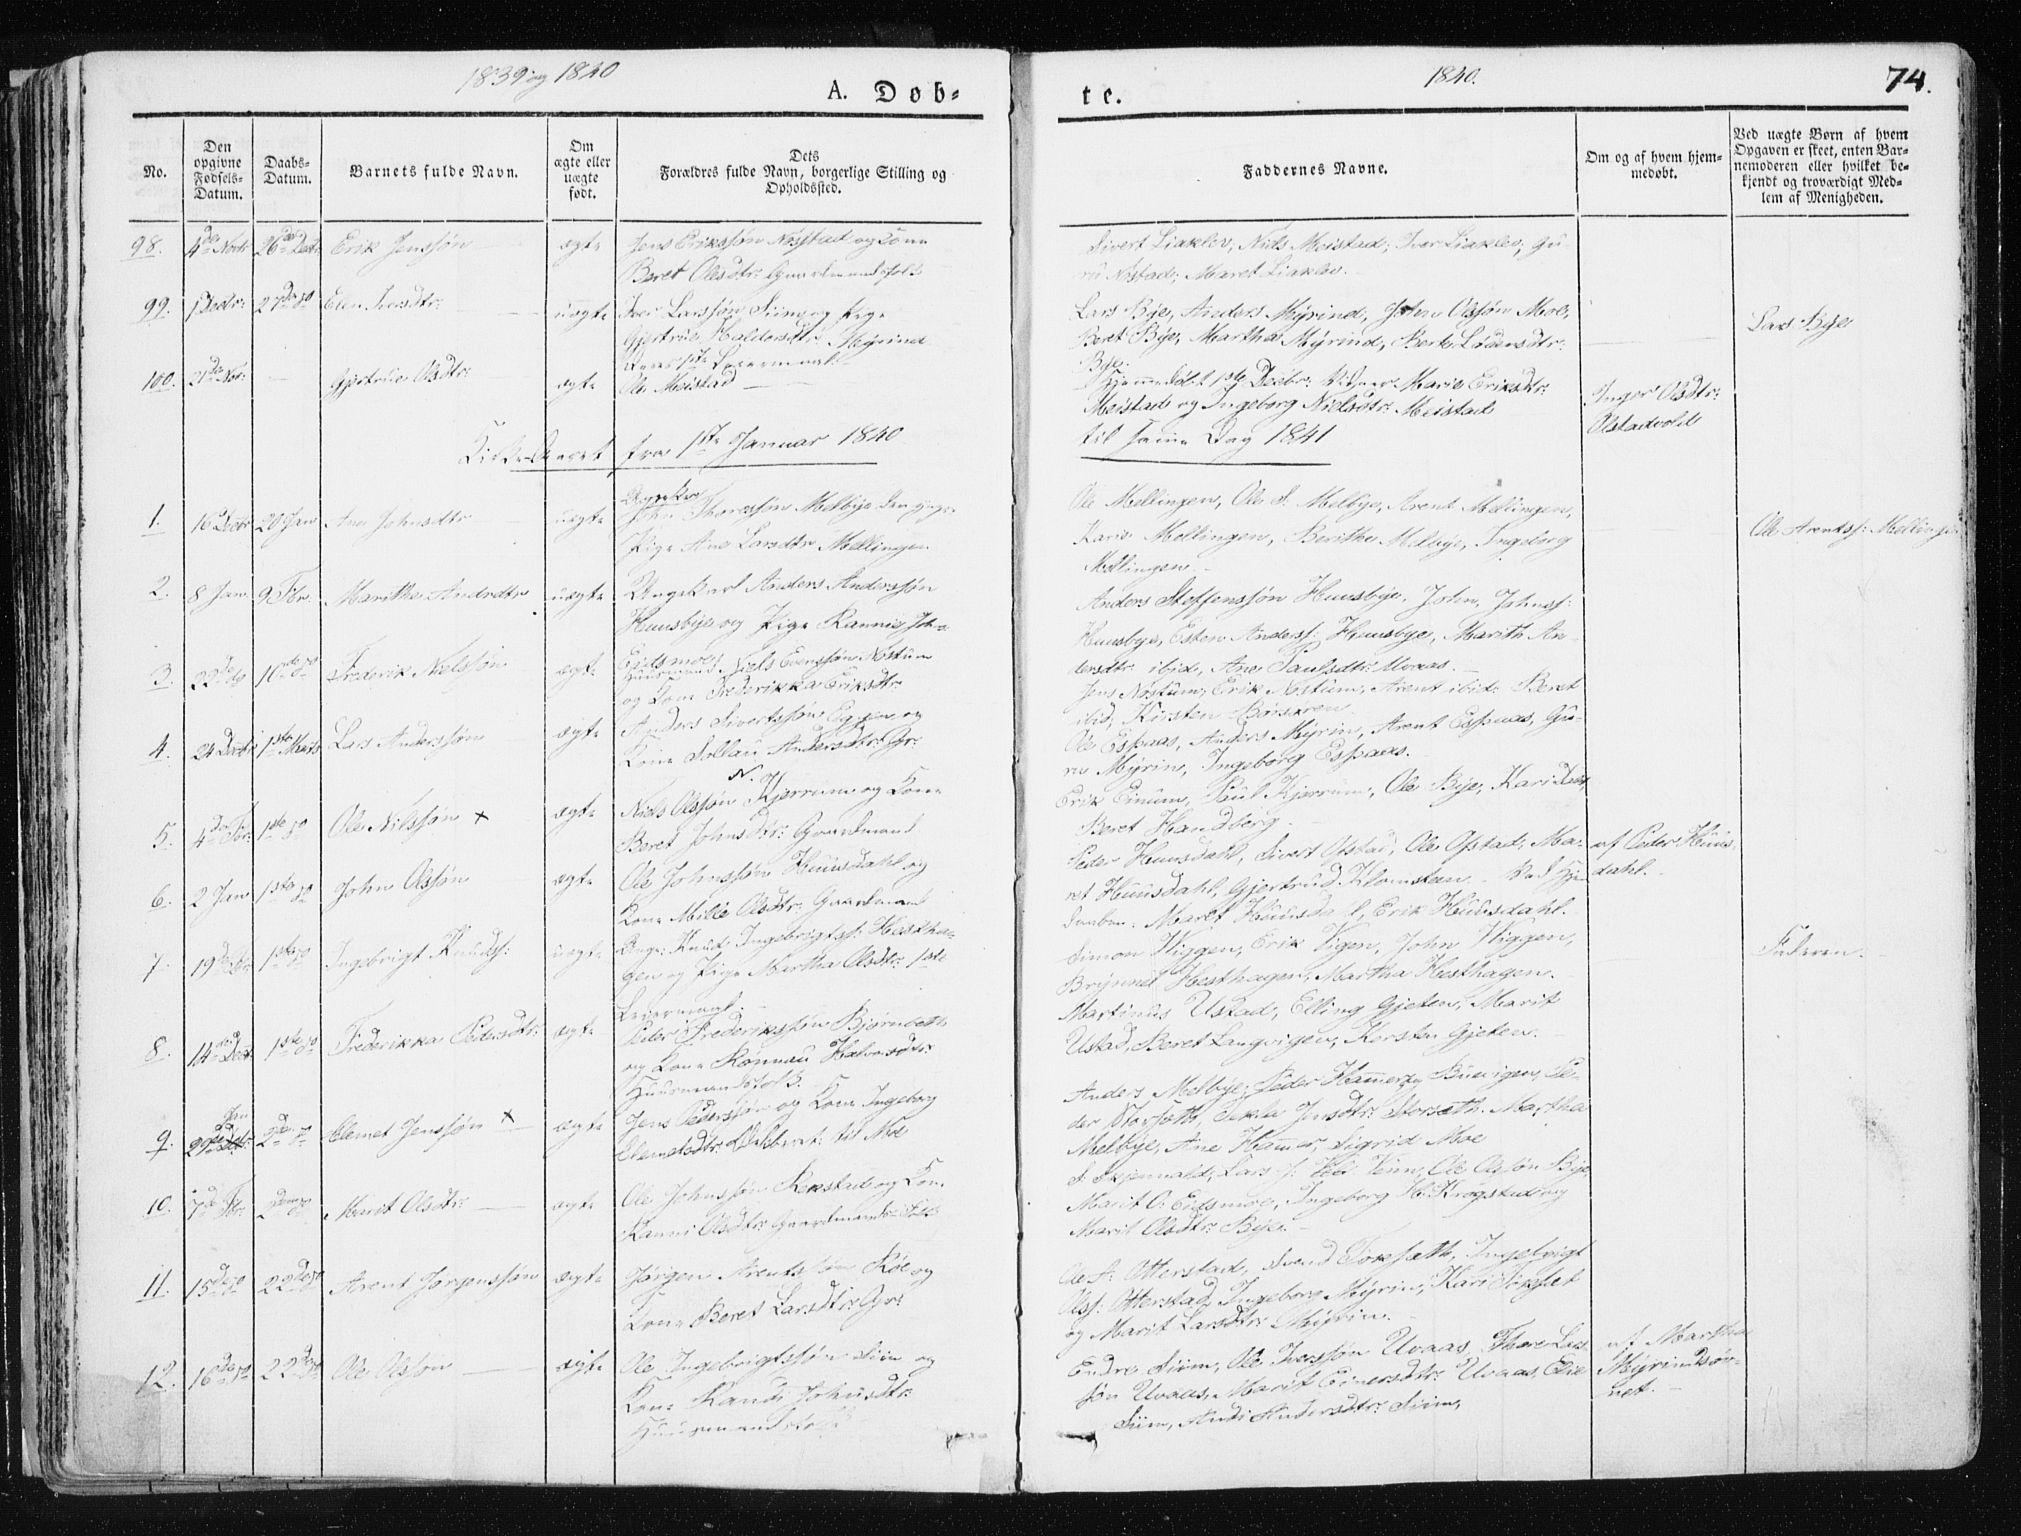 SAT, Ministerialprotokoller, klokkerbøker og fødselsregistre - Sør-Trøndelag, 665/L0771: Ministerialbok nr. 665A06, 1830-1856, s. 74